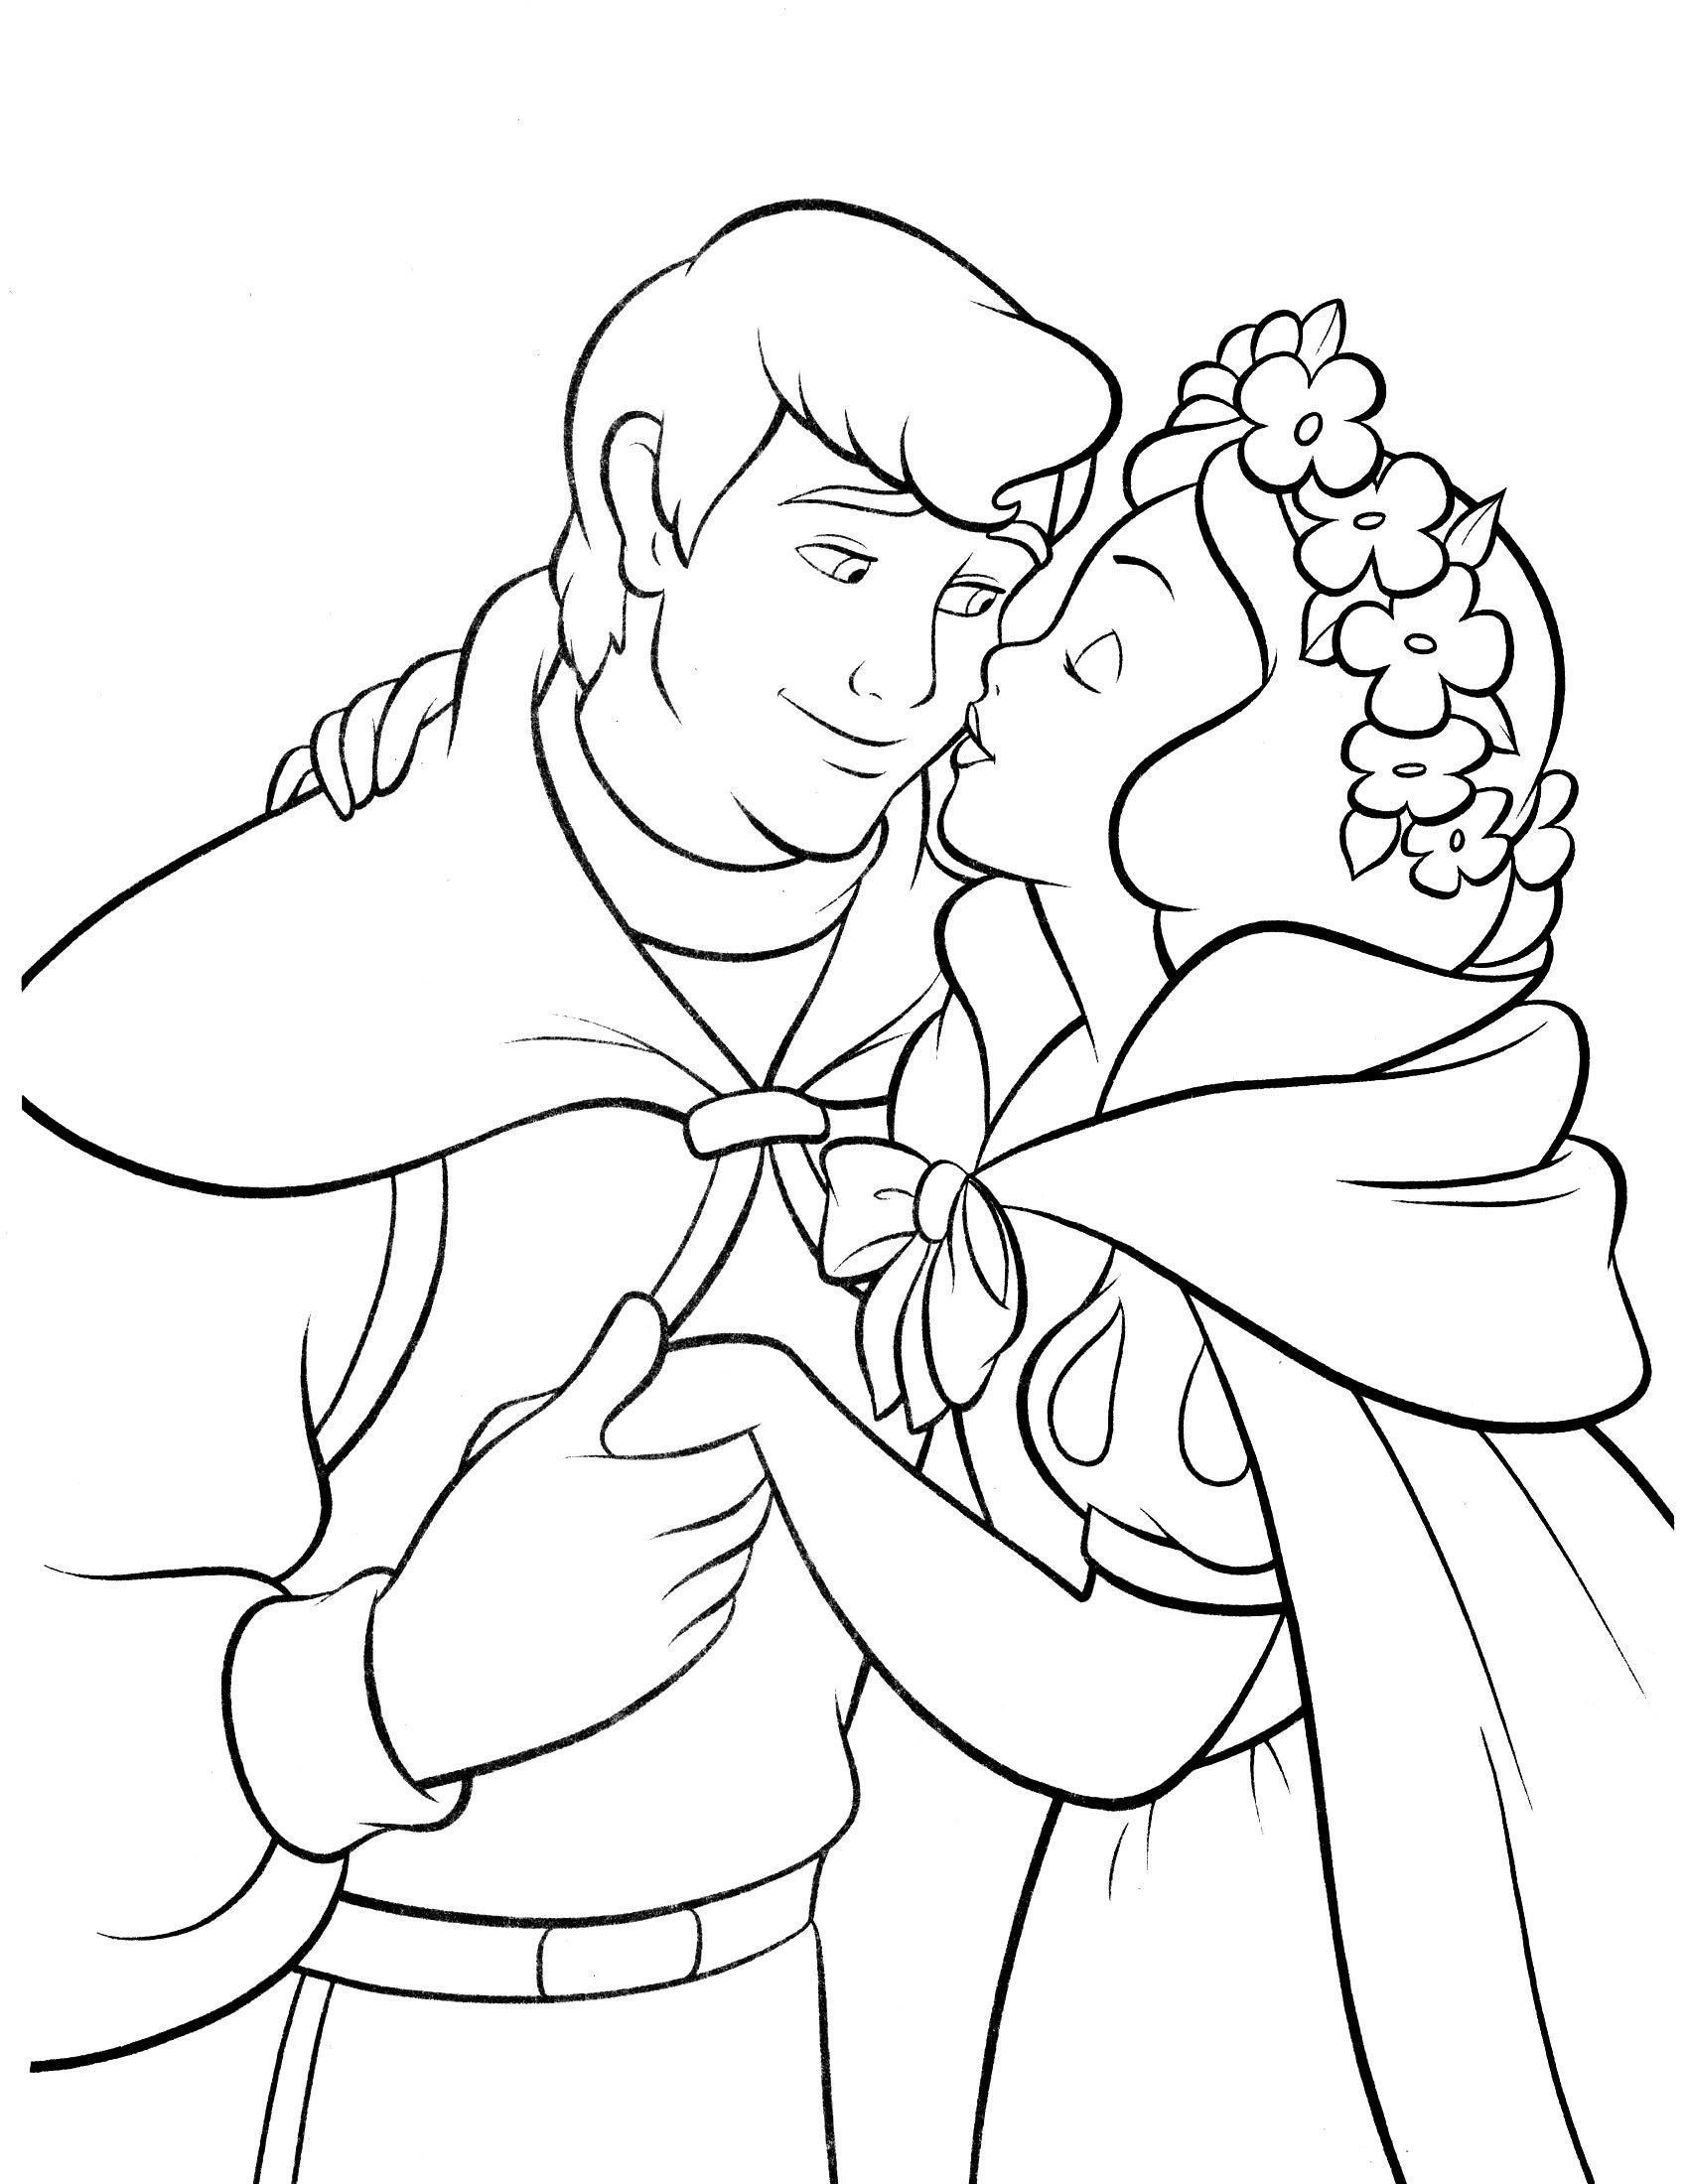 Tranh tô màu bạch tuyết cùng hoàng tử